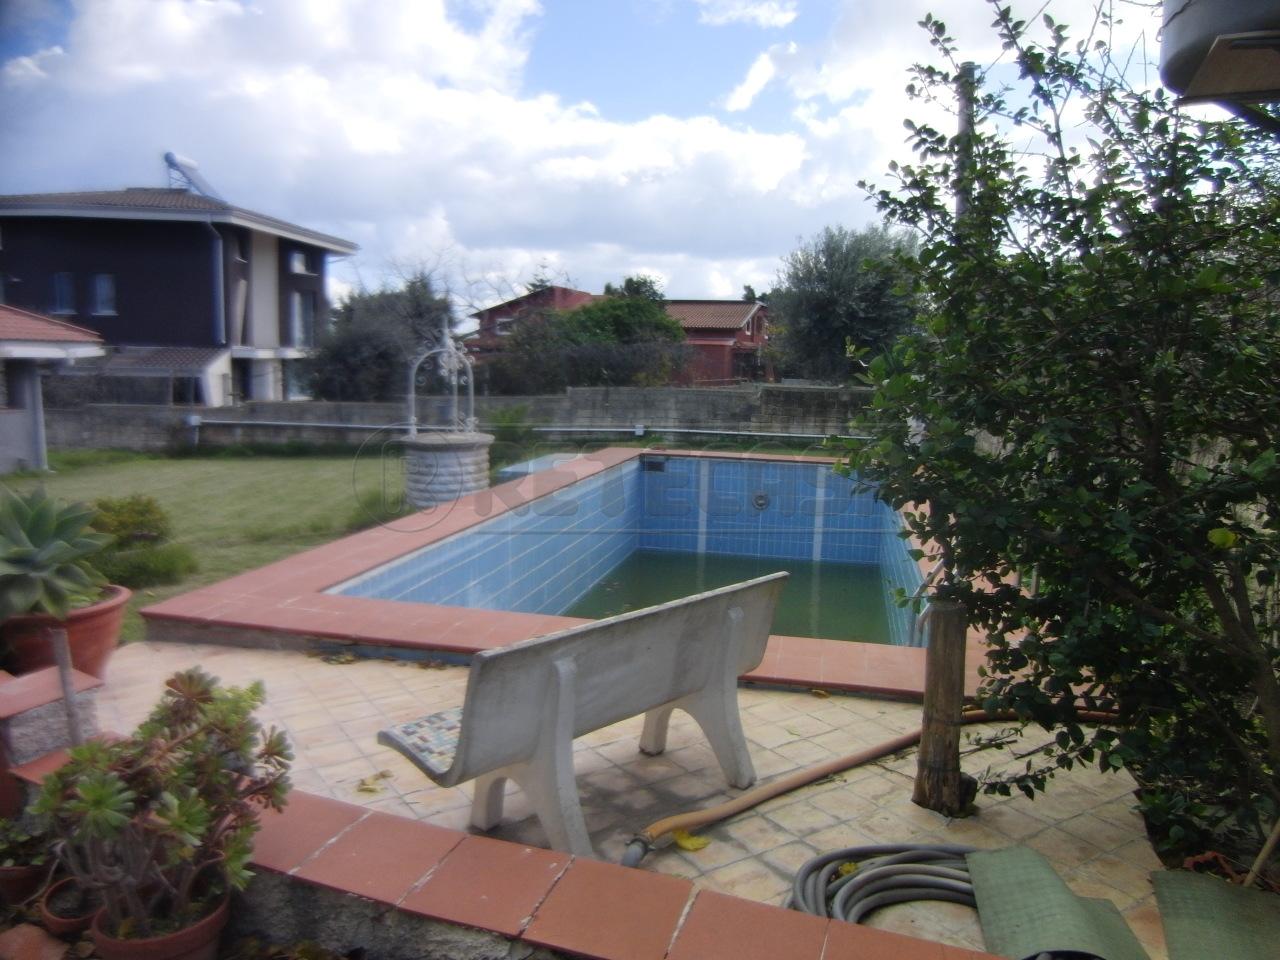 Villa in vendita a Siracusa, 5 locali, prezzo € 180.000 | Cambio Casa.it